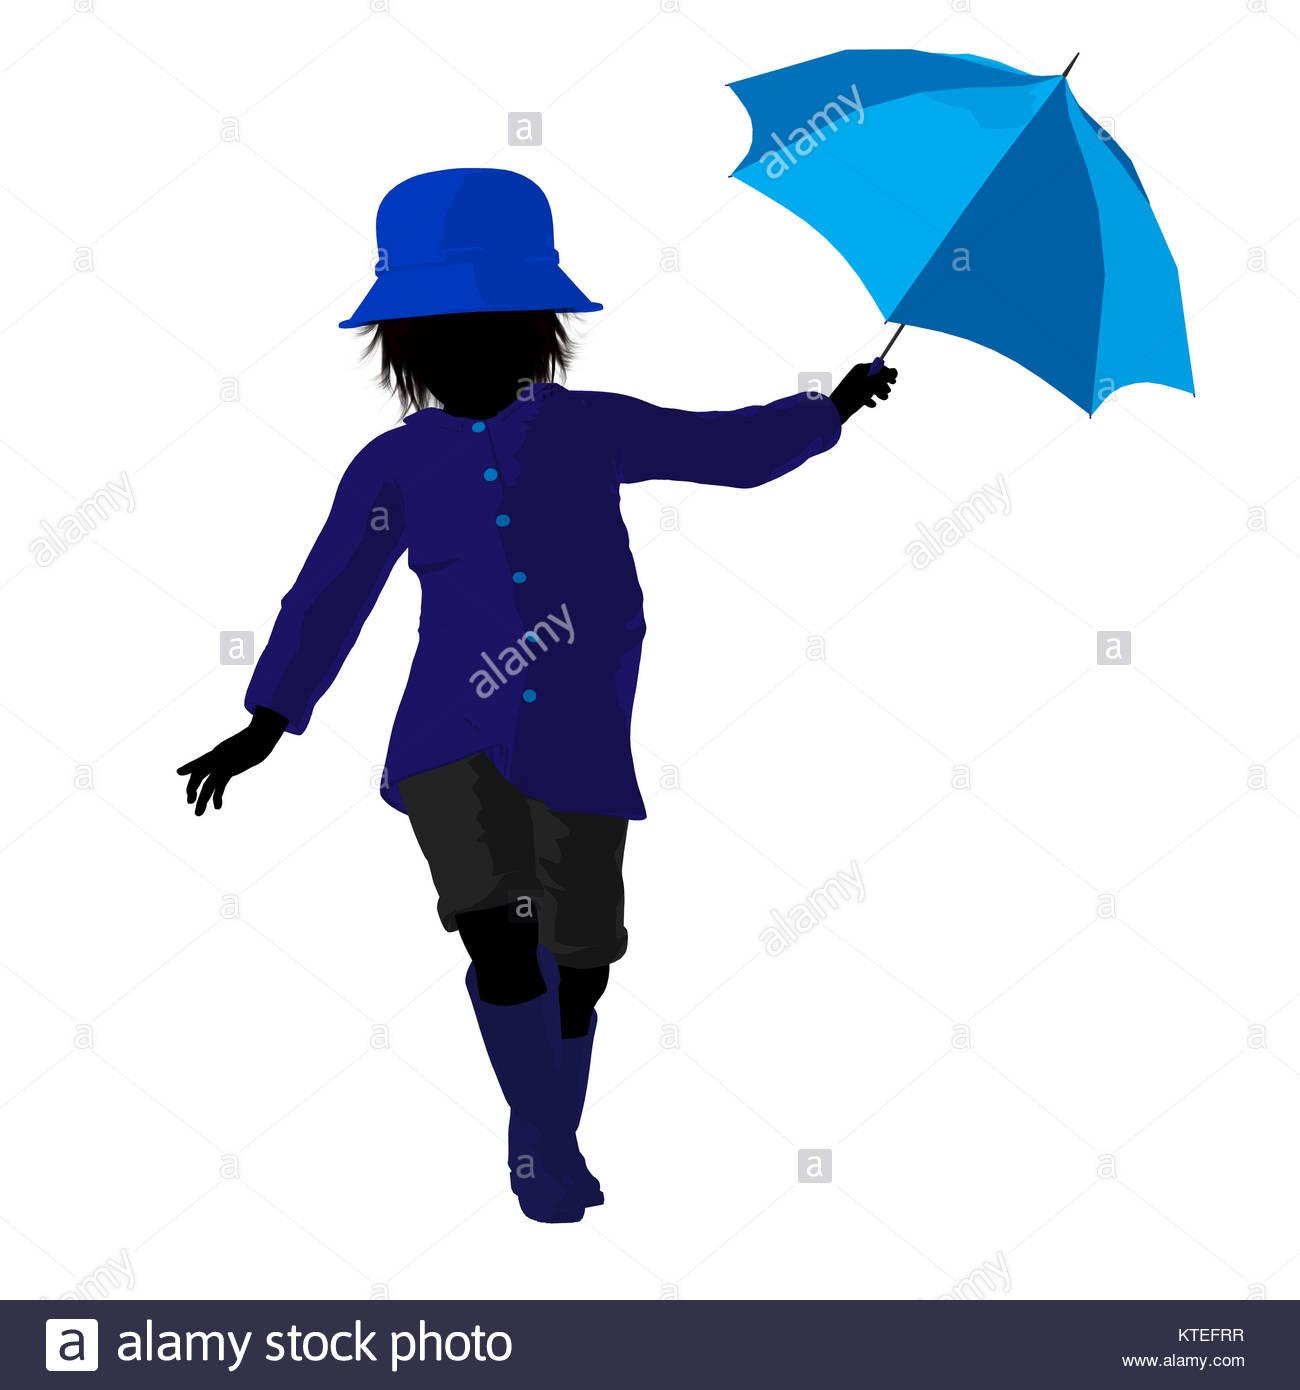 1300x1390 Rain Boy Illustration Silhouette On A White Background Stock Photo